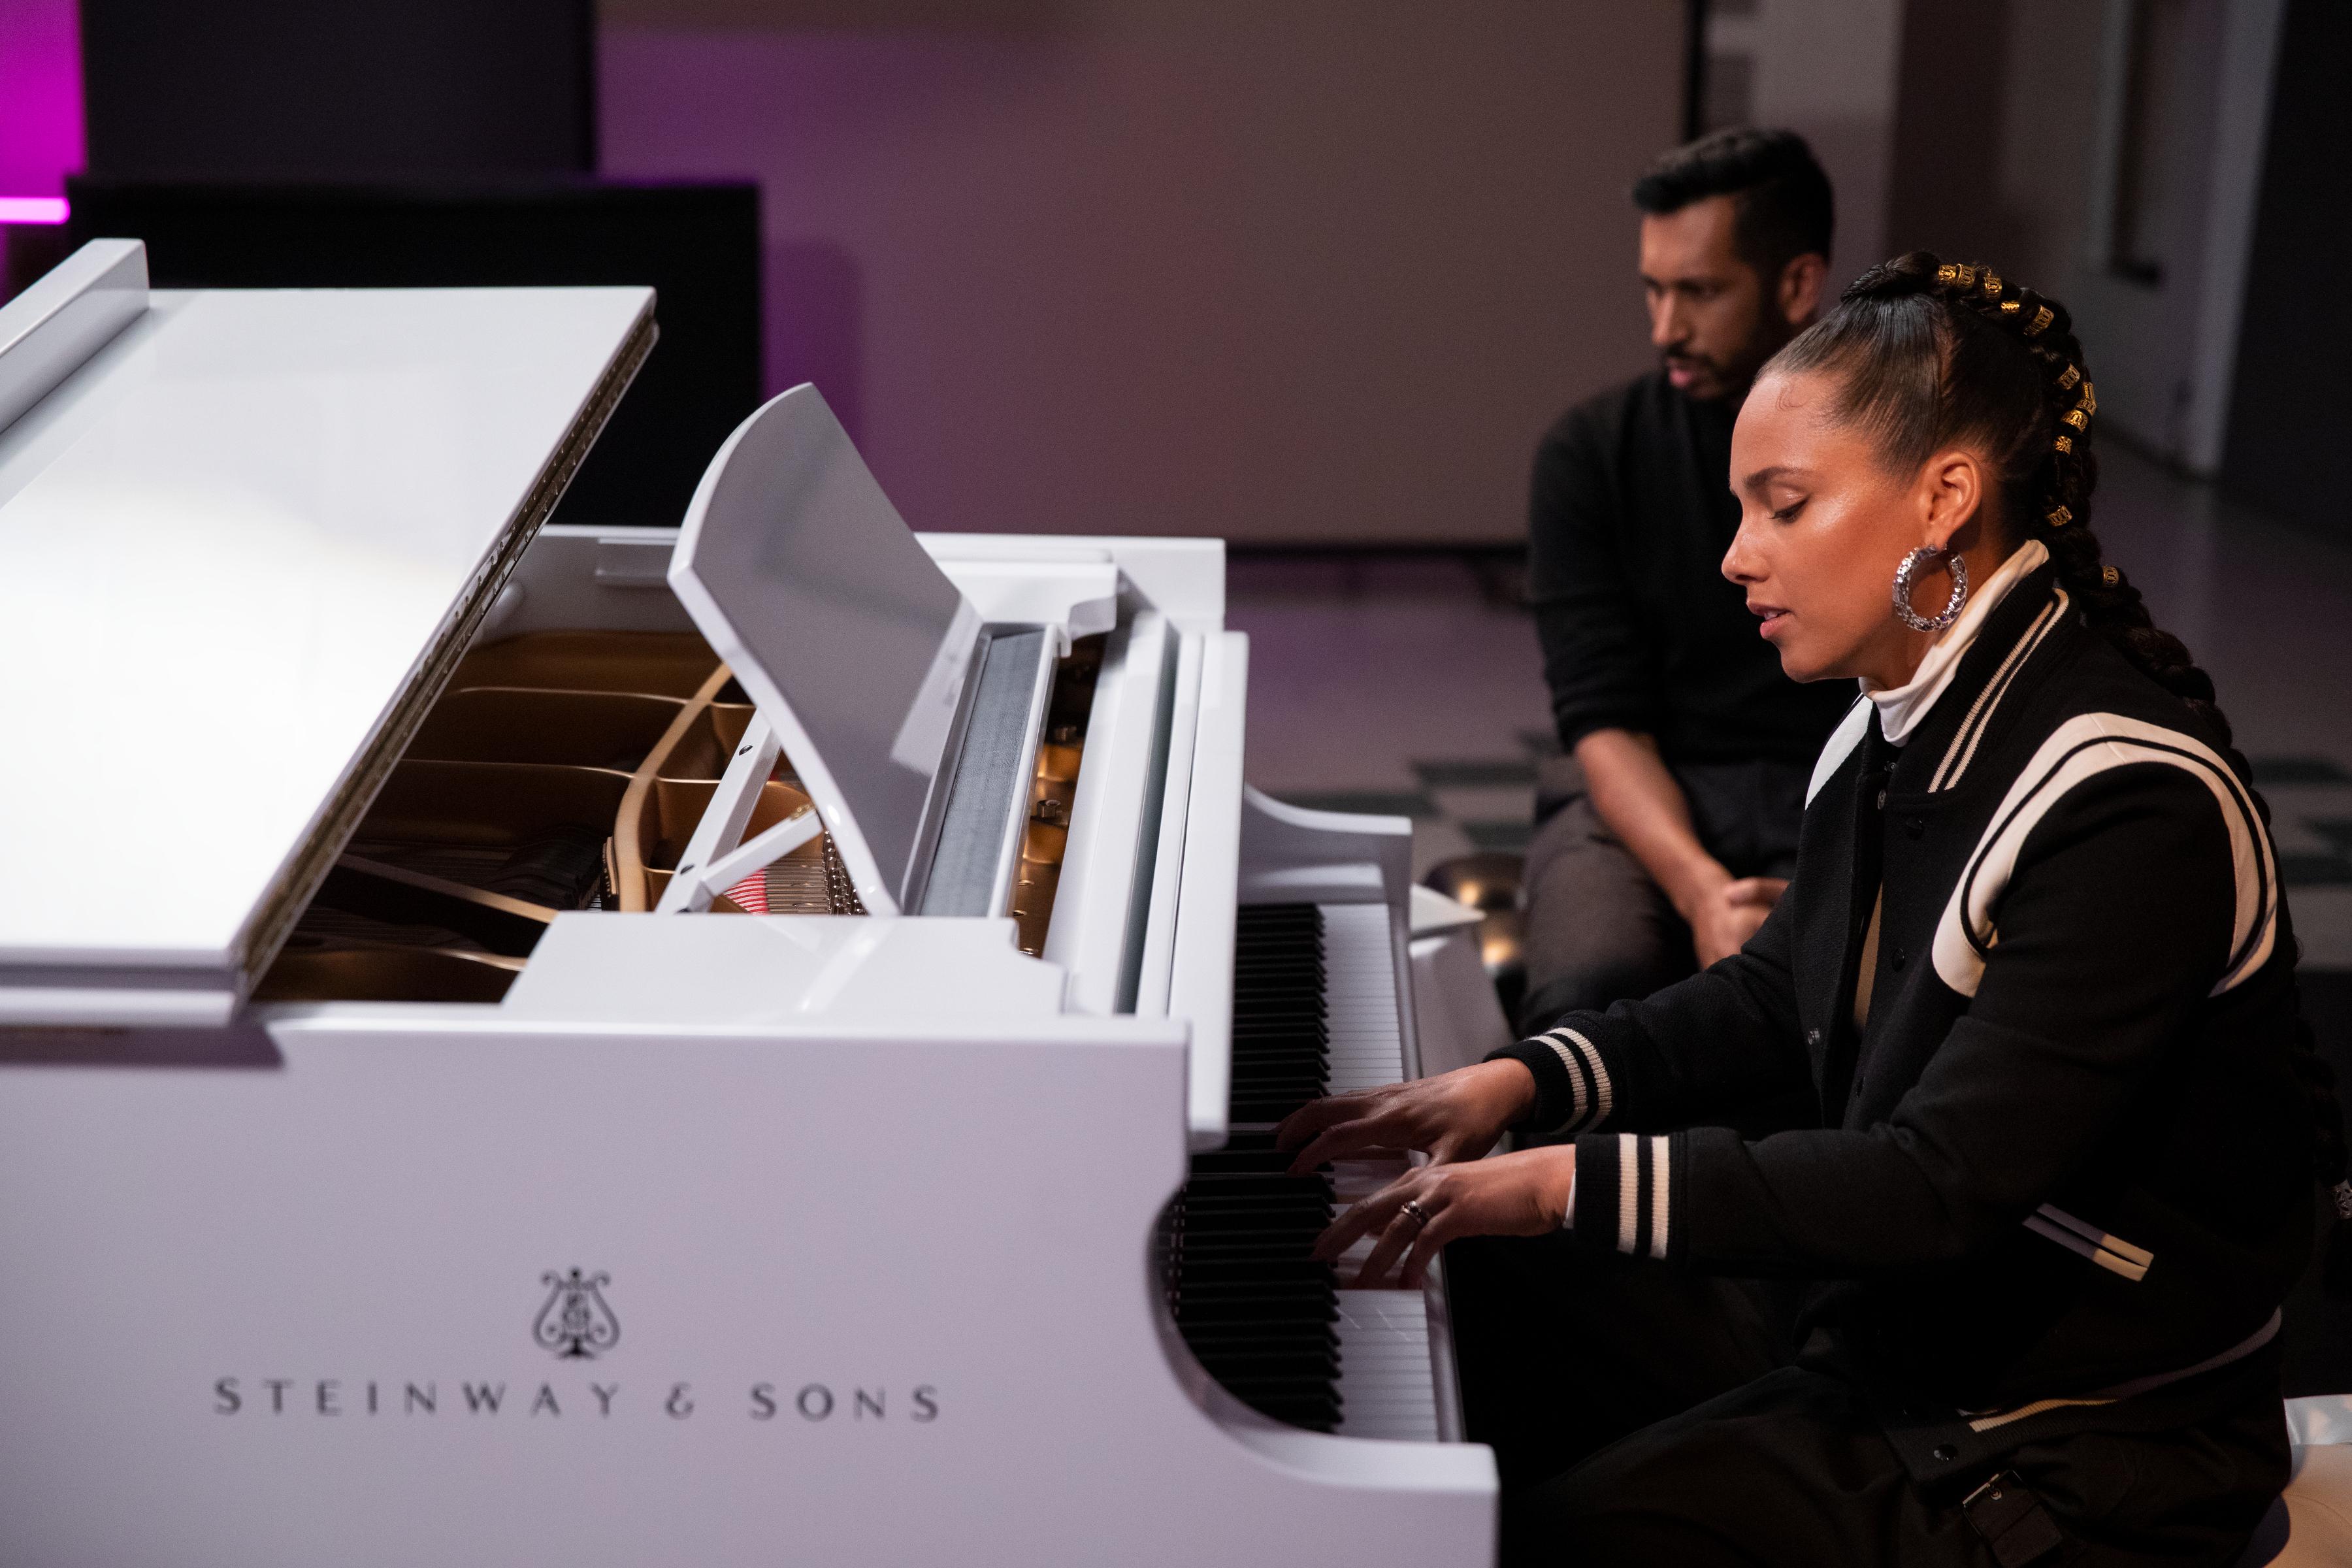 Alicia Keys and Hrishkesh Hirway in 'Song Exploder'